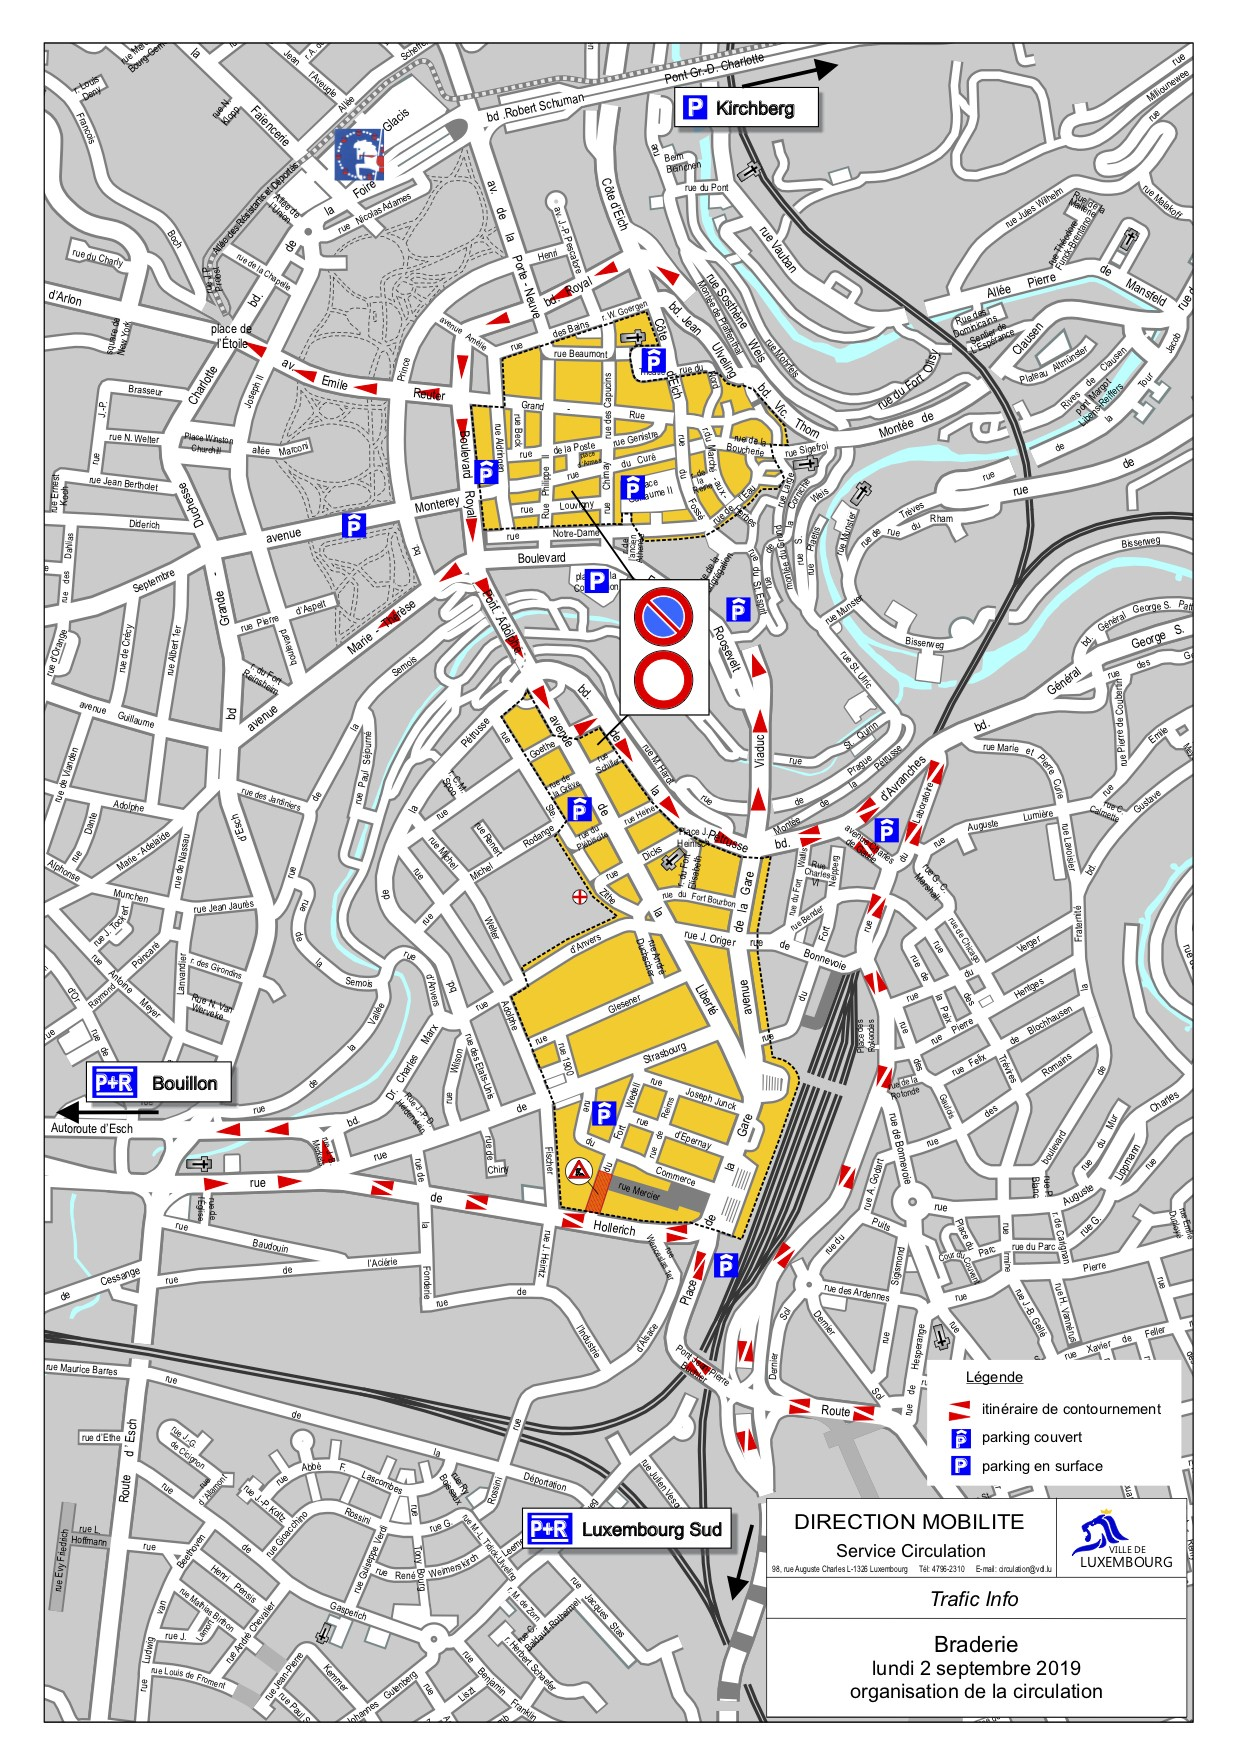 La Ville recommande également de se garer dans les P+R et de se rendre à la Braderie en transports en commun. (Illustration: Ville de Luxembourg)